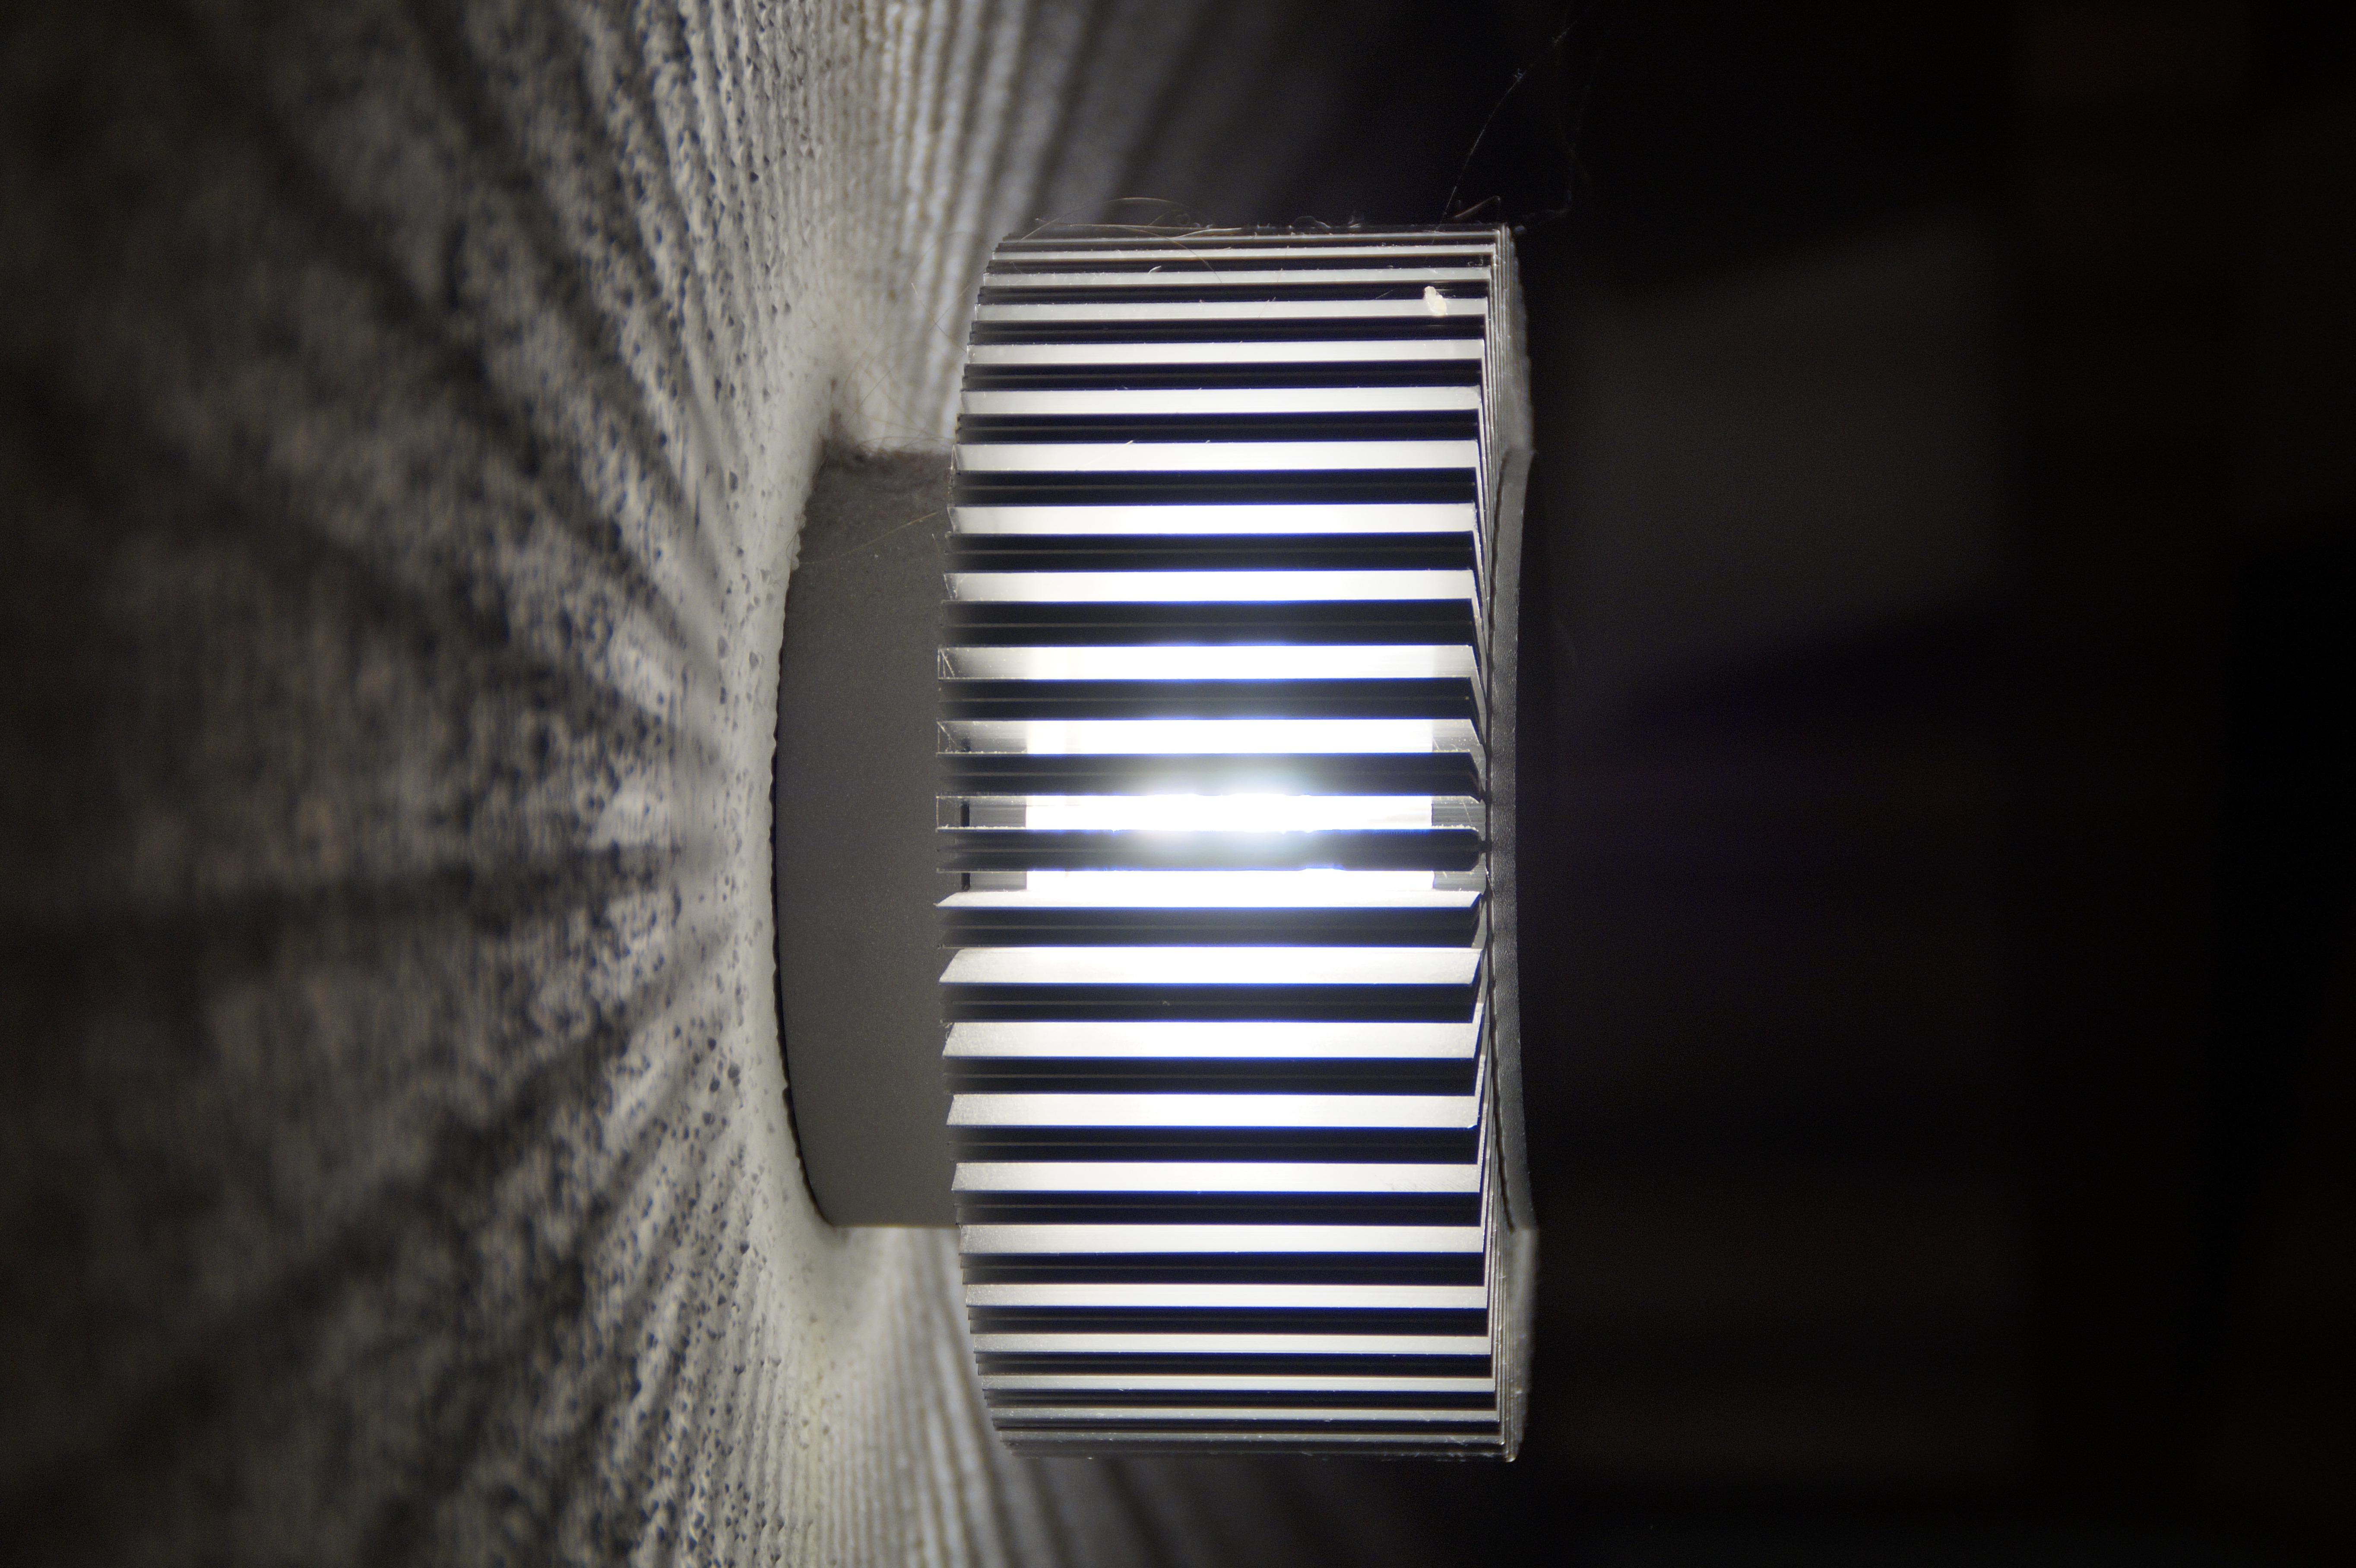 images gratuites lumire noir et blanc structure texture mur fonc dcoration ligne ombre contraste obscurit lampe objet clairage moderne